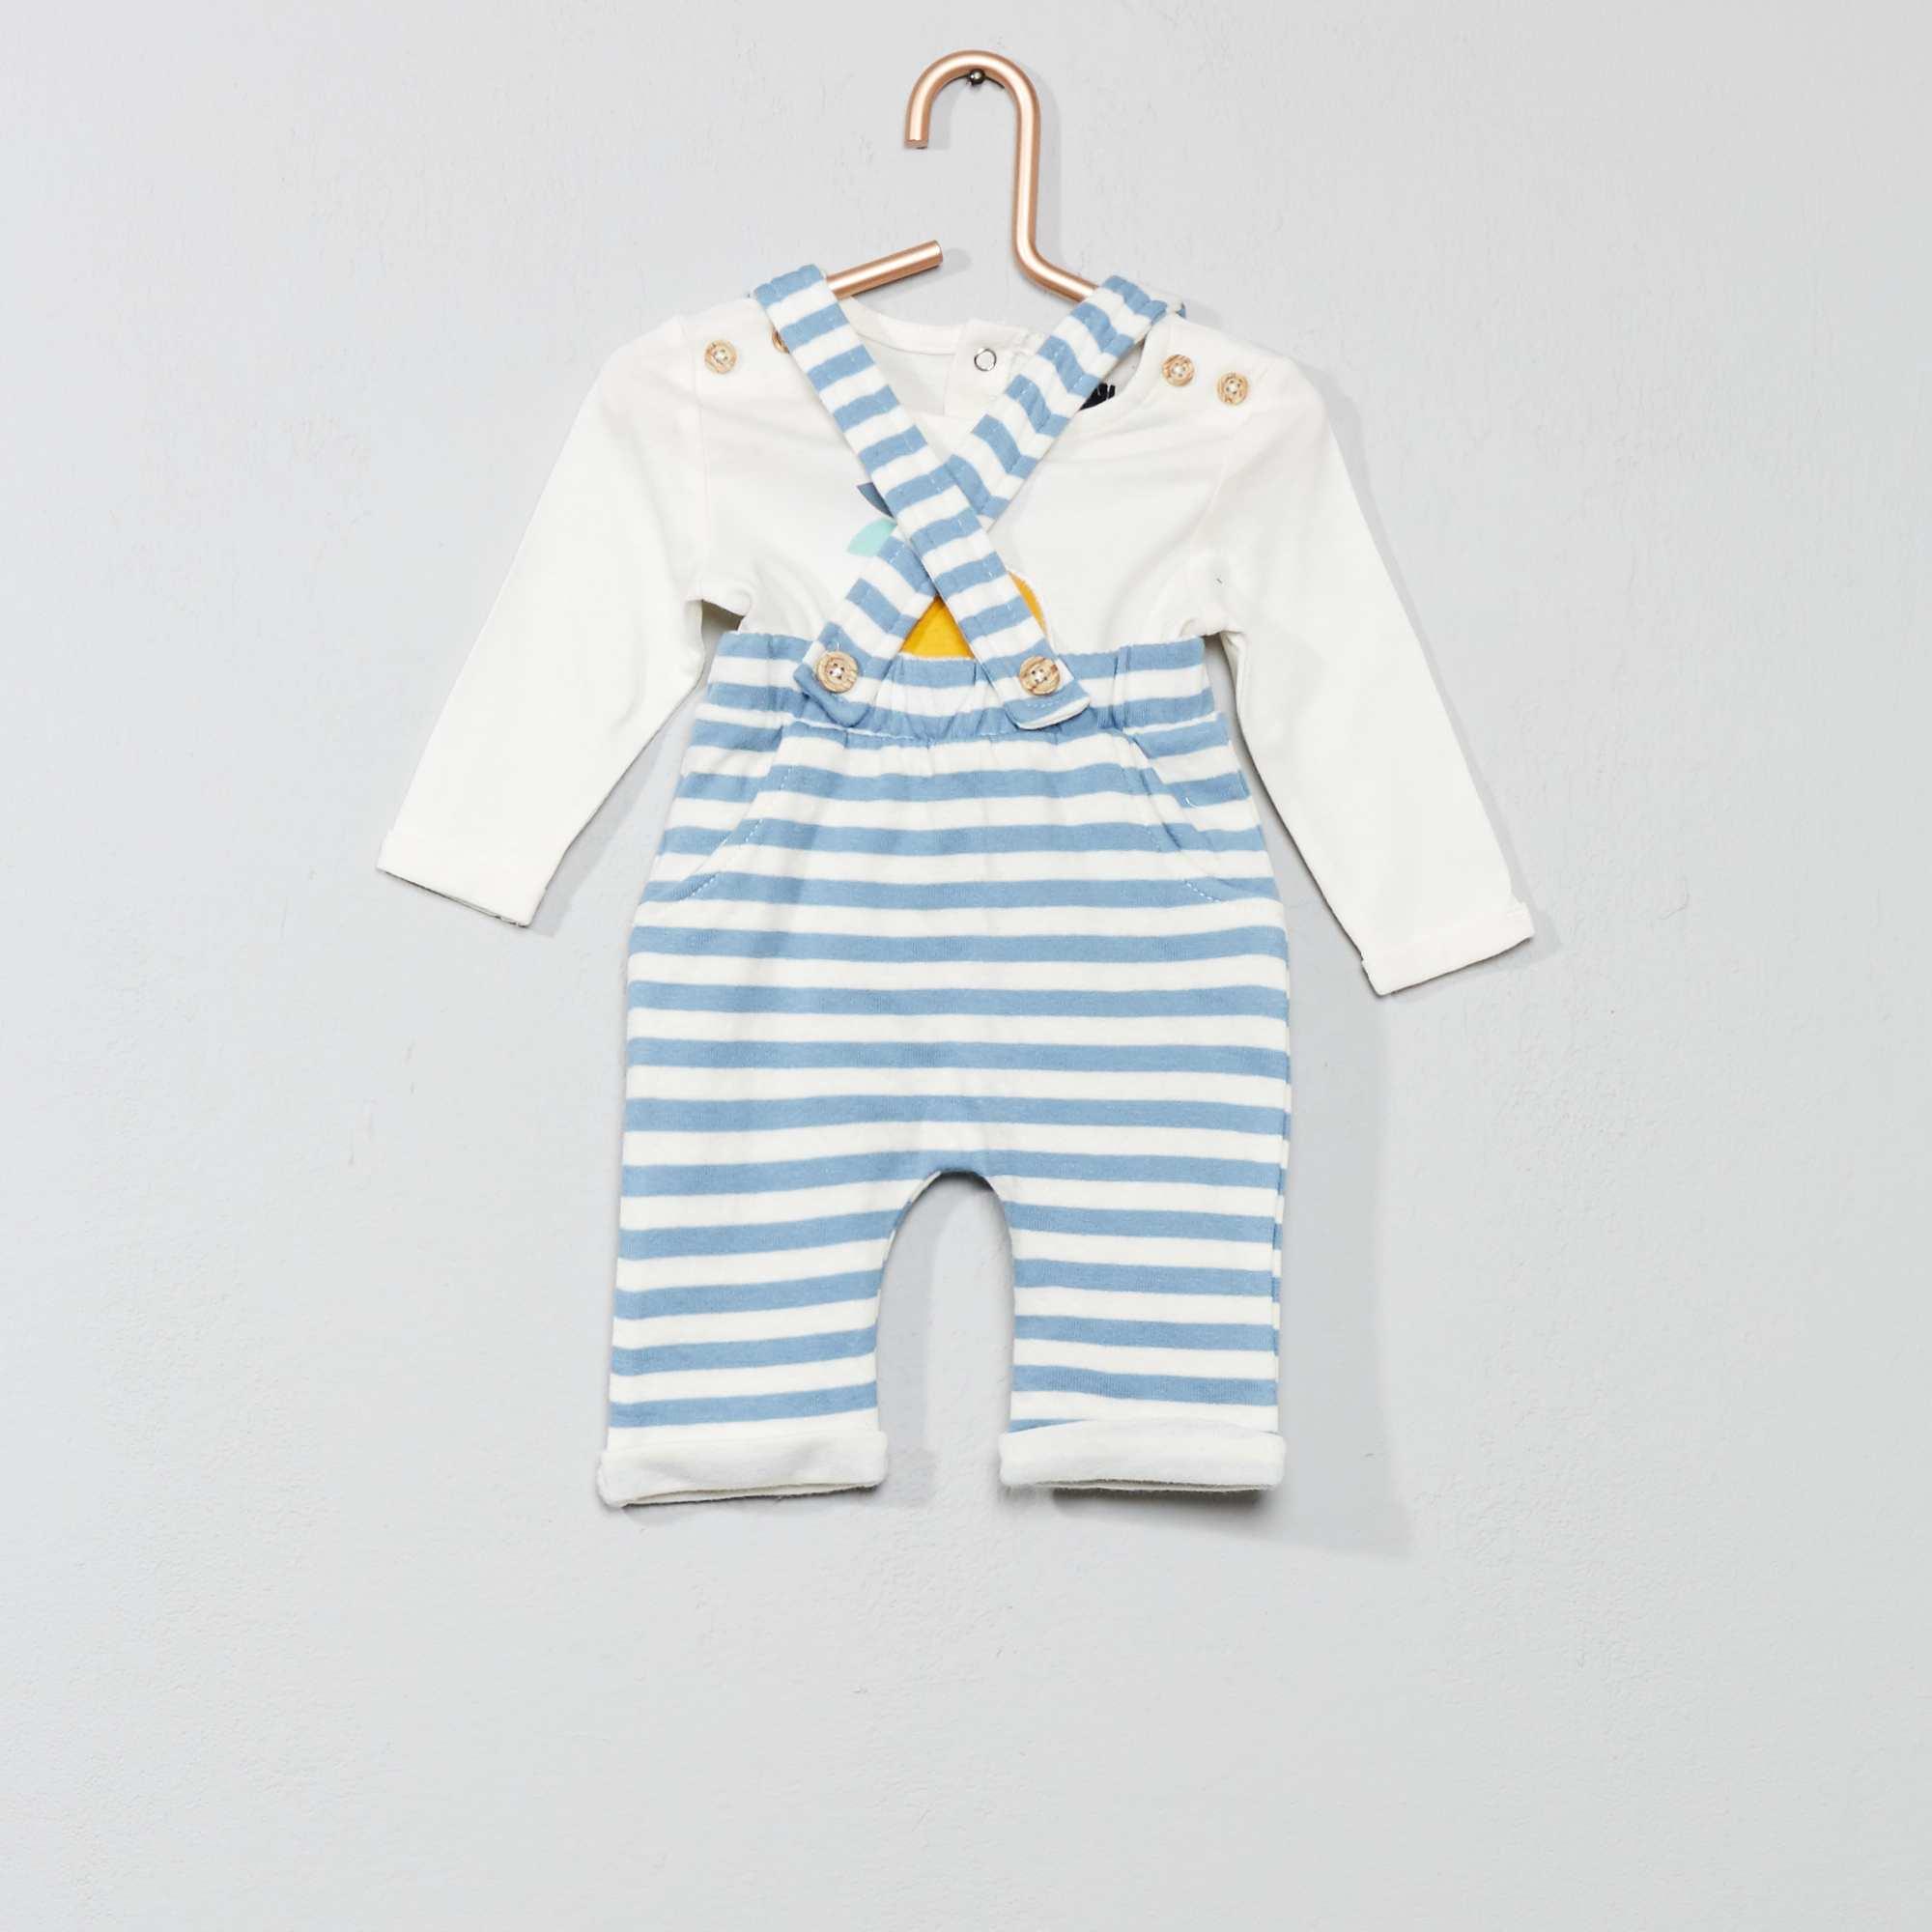 a1f778f53 Conjunto de camiseta + pantalón con tirantes crudo azul Bebé niño. Loading  zoom